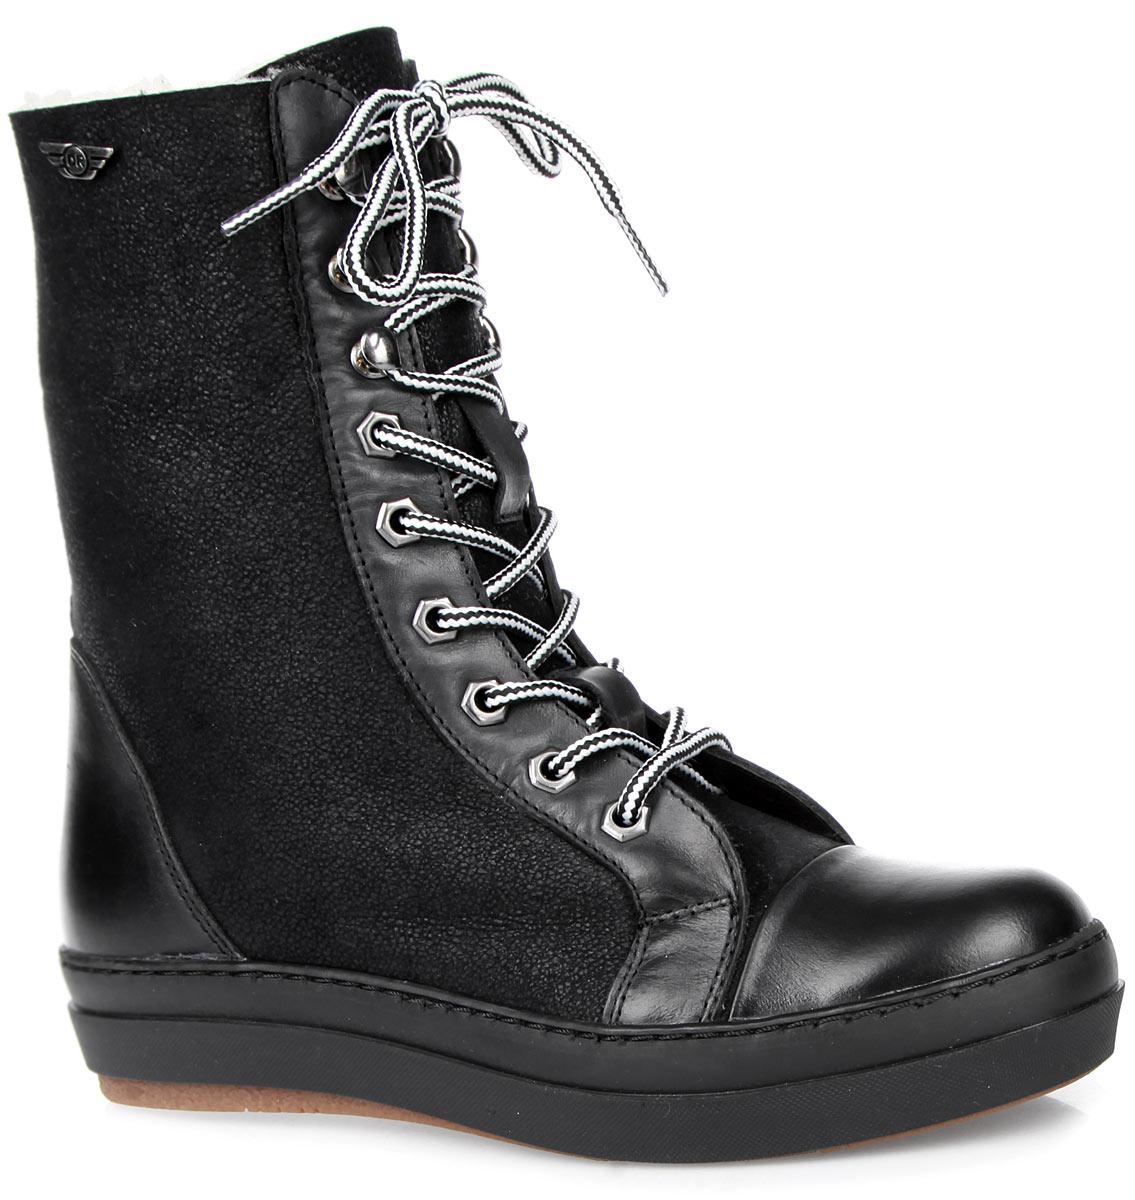 828-59-01(M)Высокие женские ботинки от Dino Ricci покорят вас своим удобством. Модель выполнена из натуральной кожи и оформлена оригинальным плетением на шнурках, на голенище - фирменной металлической пластиной. Шнуровка прочно зафиксирует обувь. Подкладка и стелька из натурального меха сохранят ваши ноги в тепле. Утолщенная подошва с рифлением защищает изделие от скольжения. В таких ботинках вашим ногам будет комфортно и уютно. Они подчеркнут ваш стиль и индивидуальность.